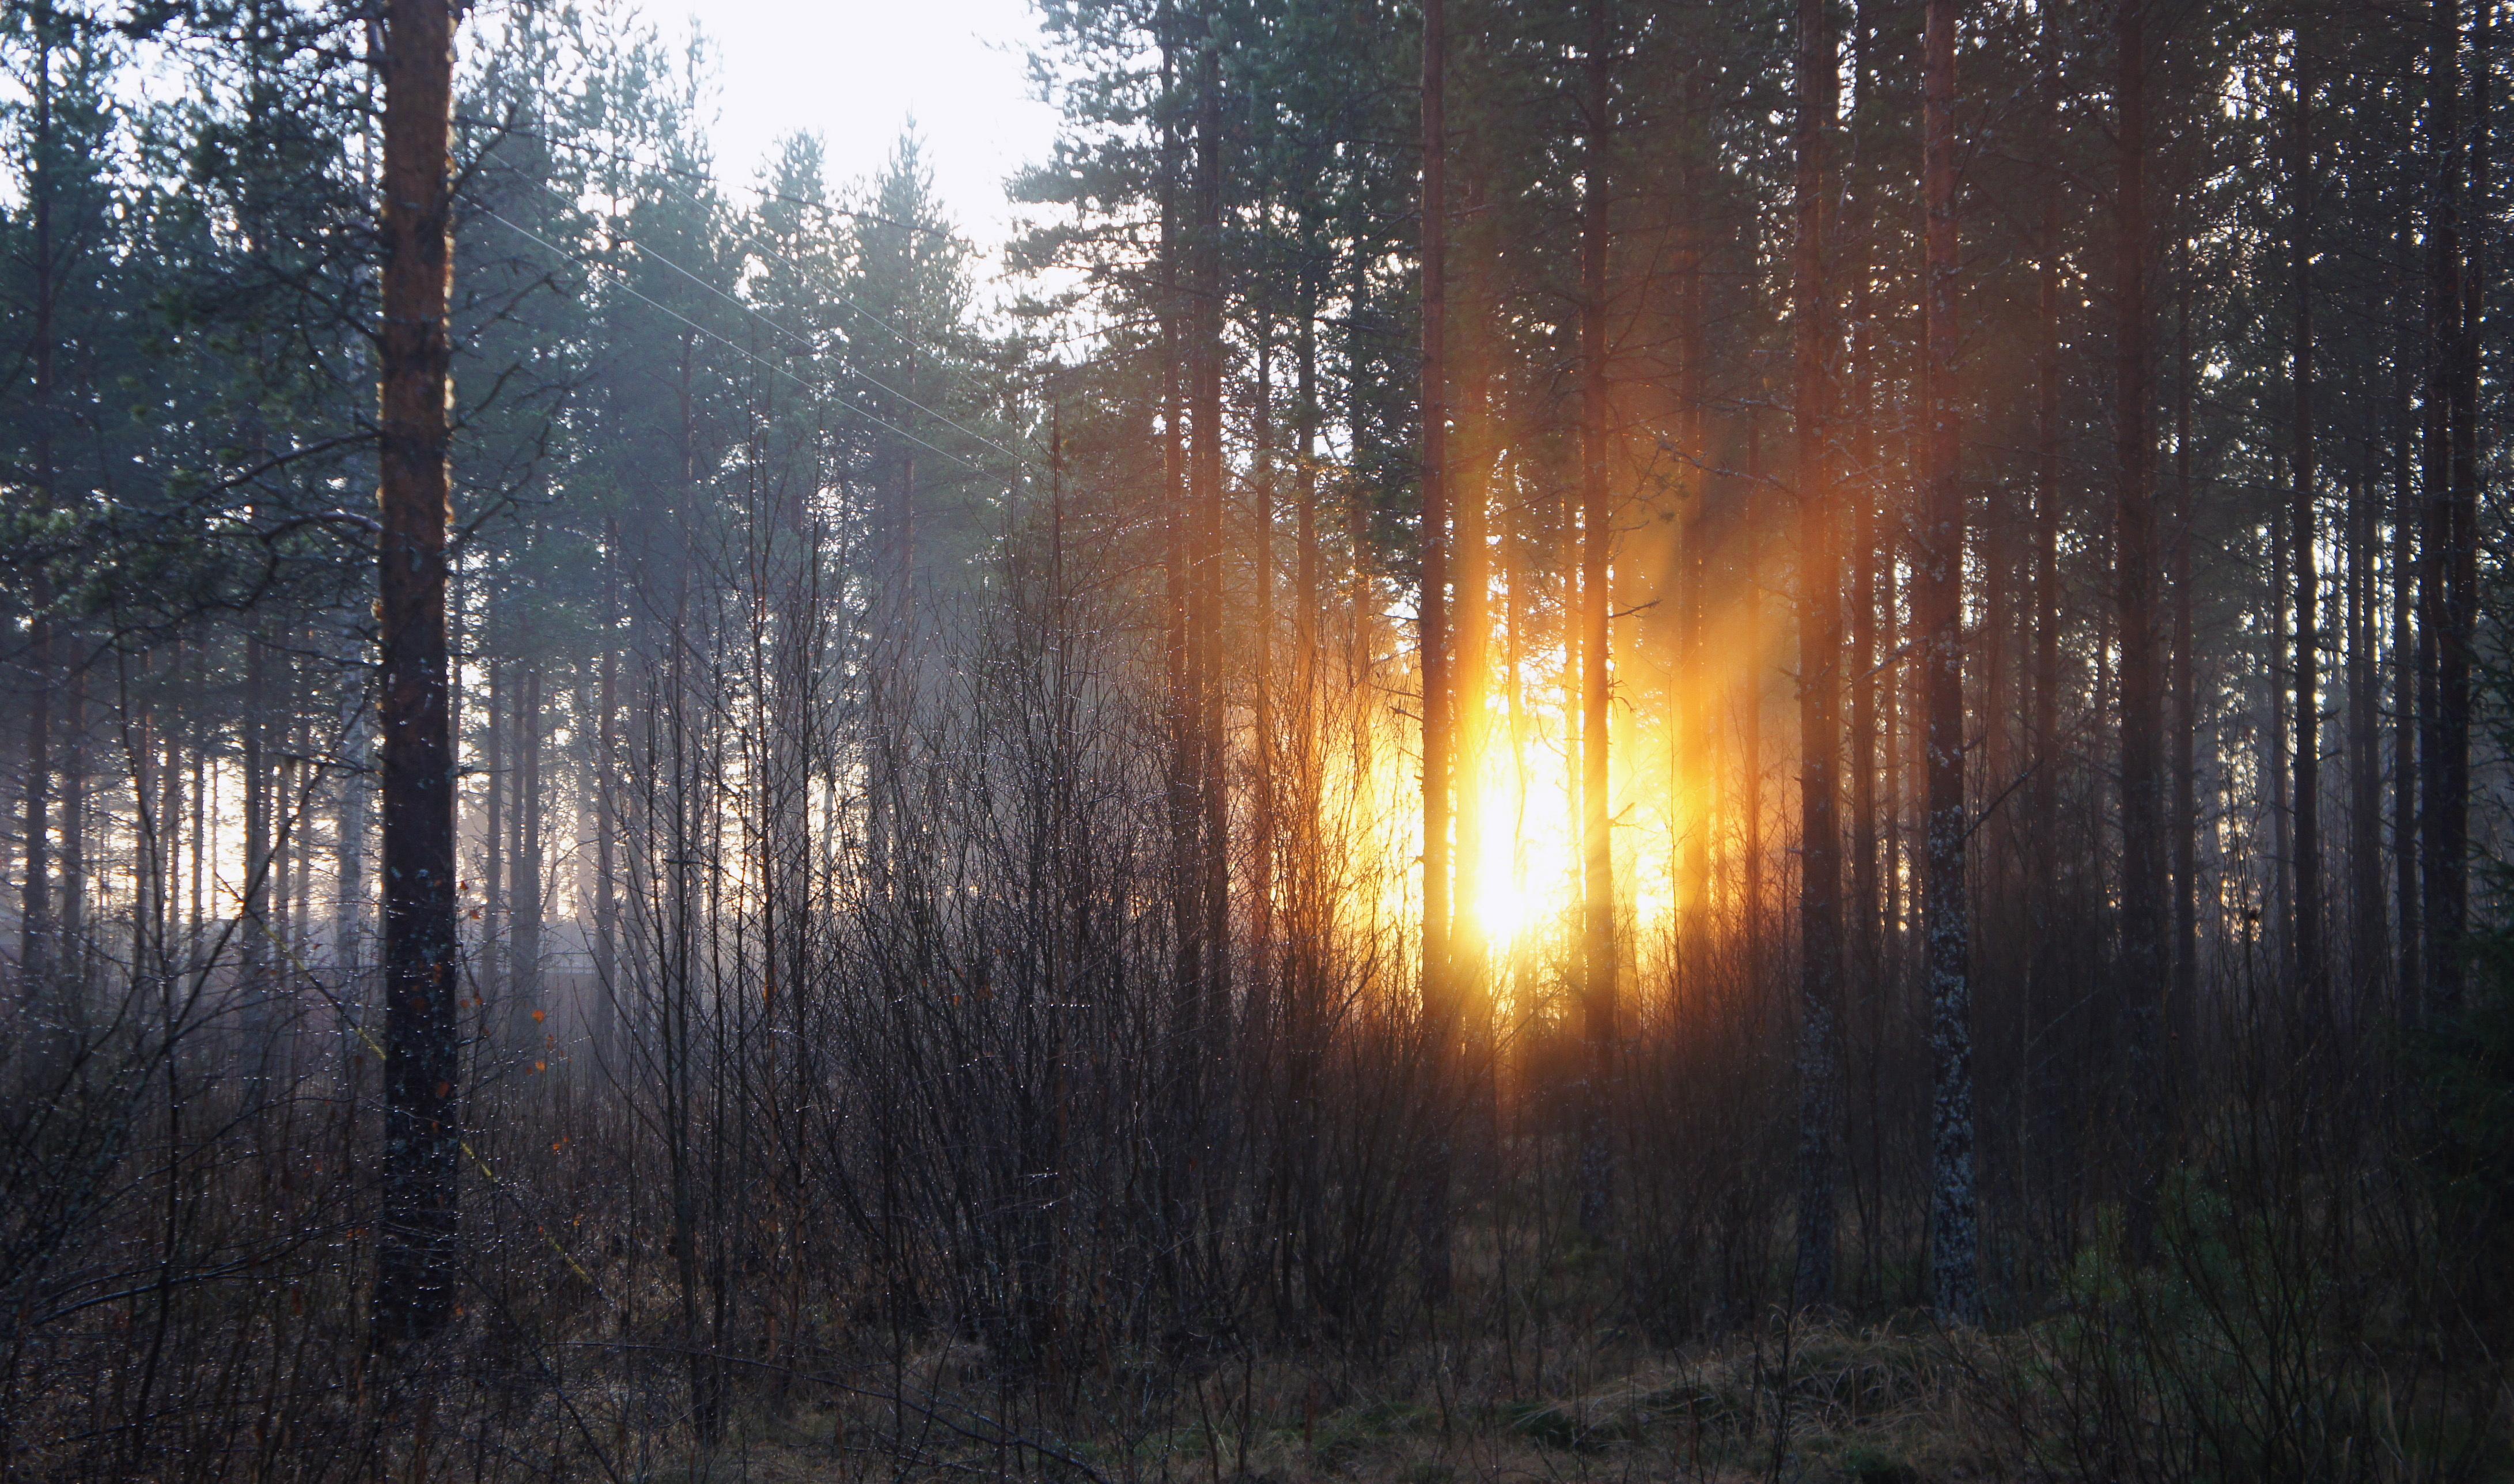 60838 économiseurs d'écran et fonds d'écran Forêt sur votre téléphone. Téléchargez Forêt, Nature, Arbres, Automne, Aube images gratuitement